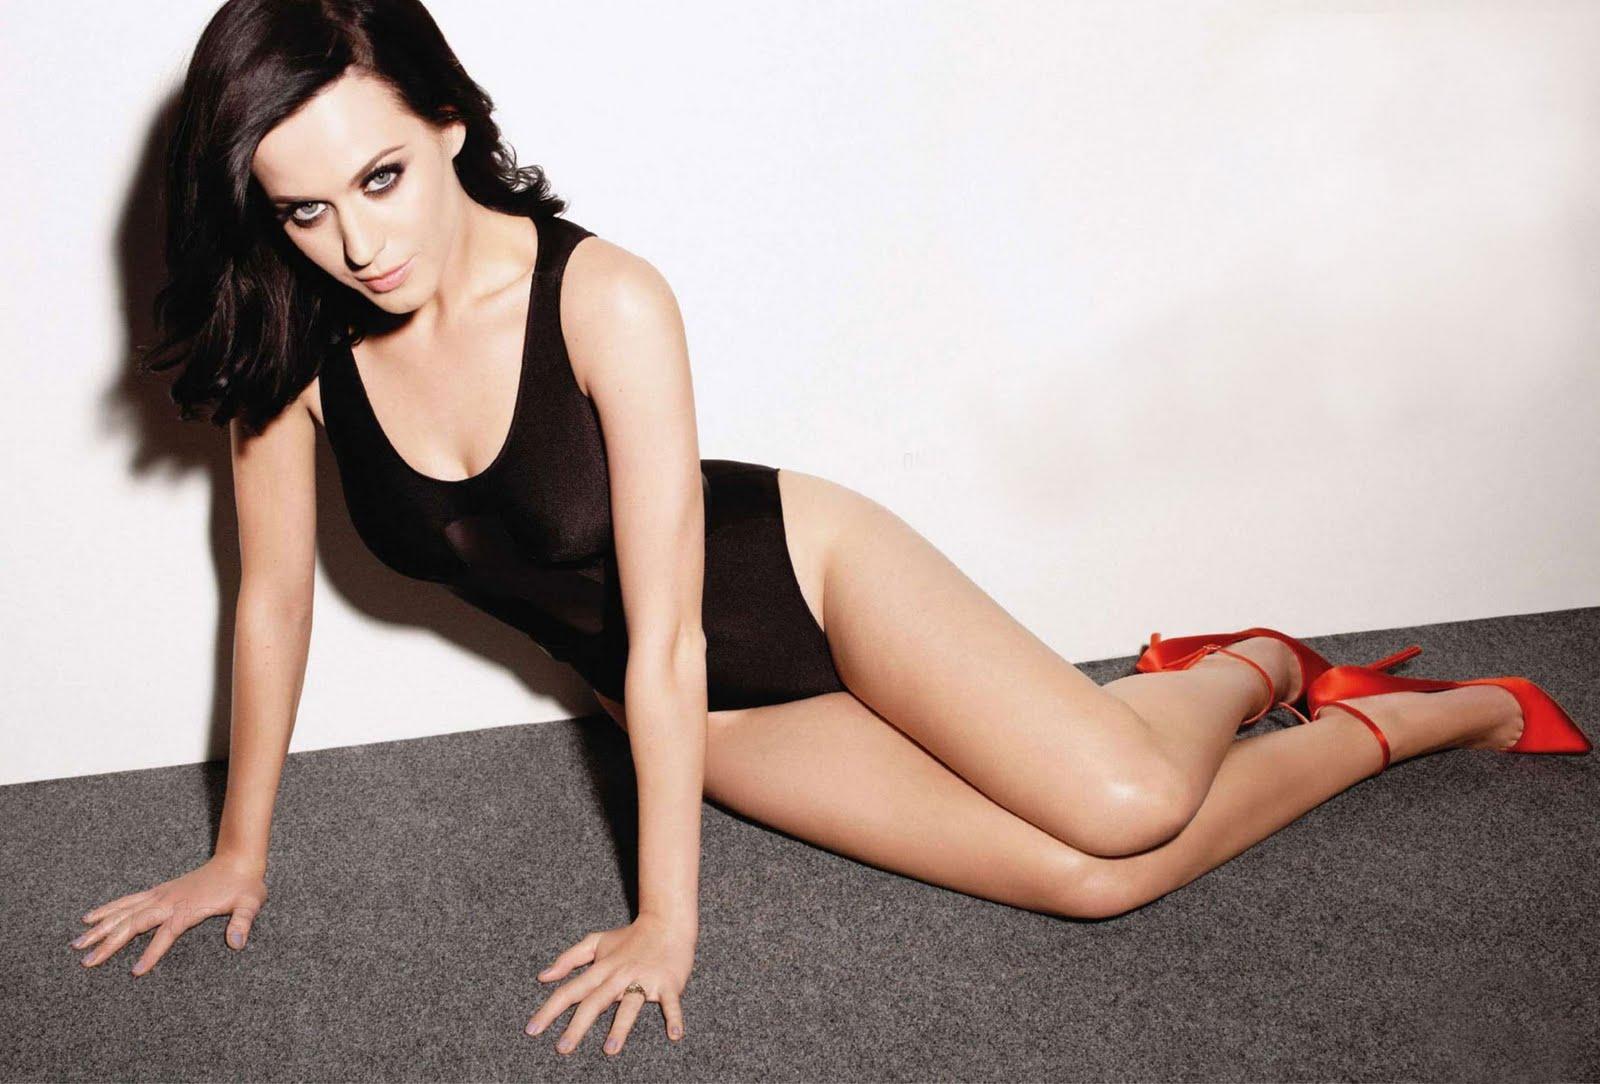 Katy Perry Maxim January 2011 | Male Extravaganza